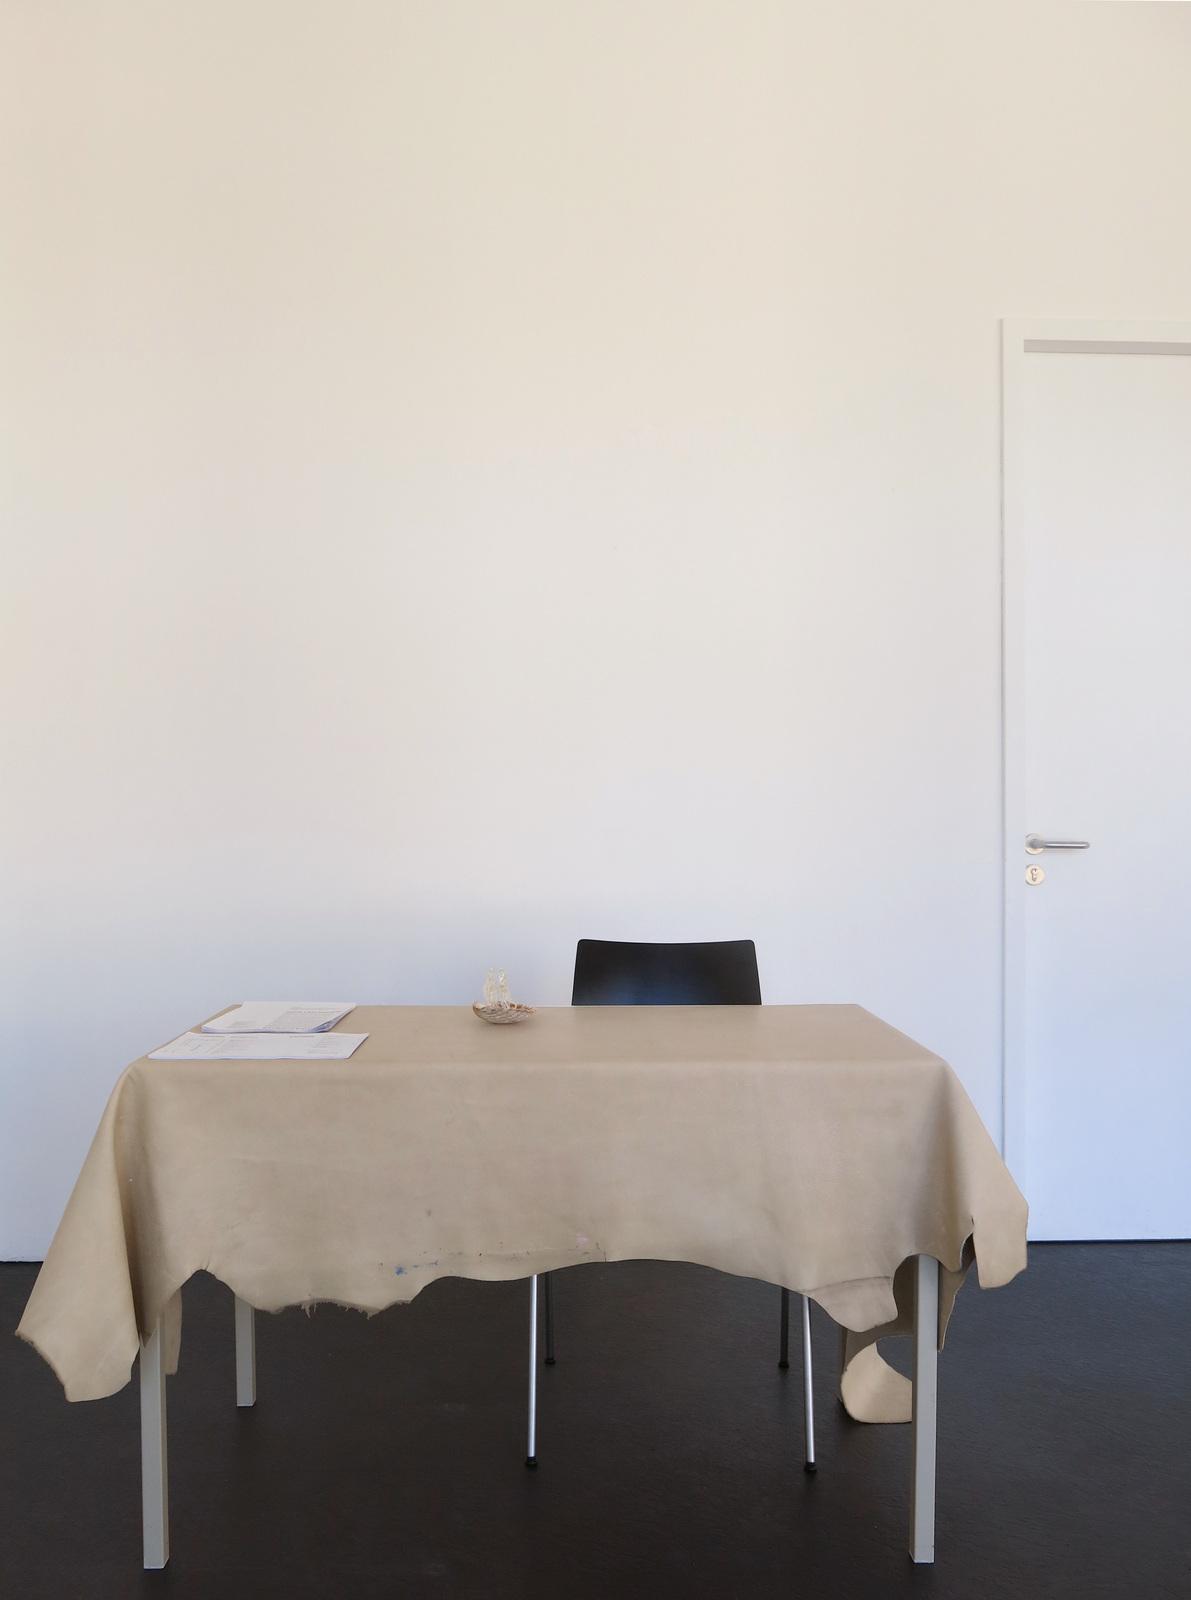 2_Sam Anderson_Desk Set_ICHTS_2016_Dortmunder Kunstverein_Foto DOKV